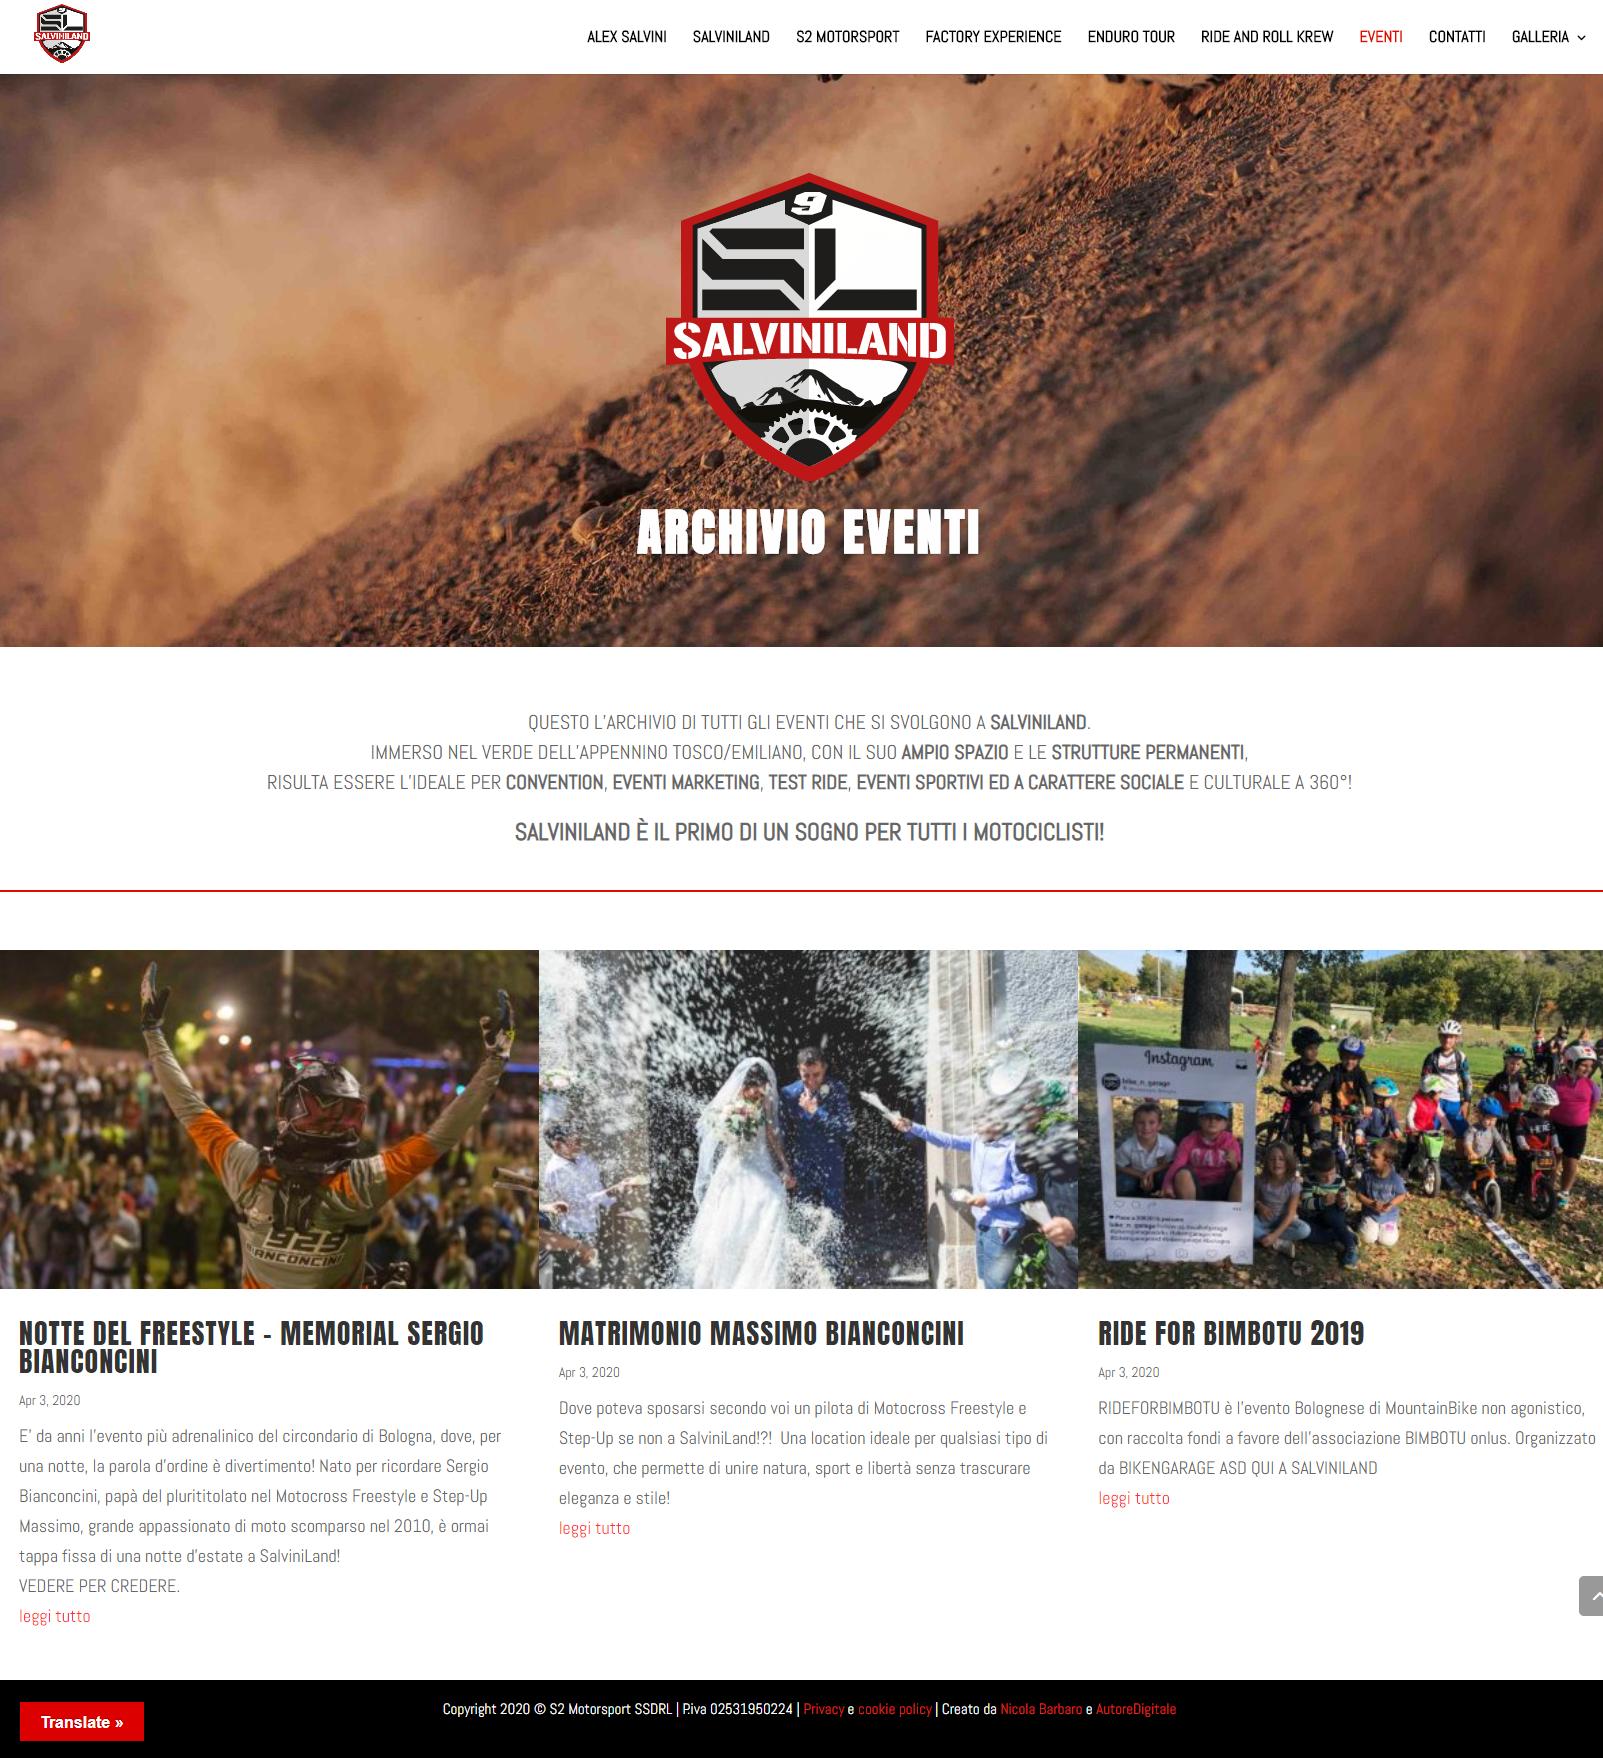 Realizzazione siti web aziendali - Salviniland - AutoreDigitale ©